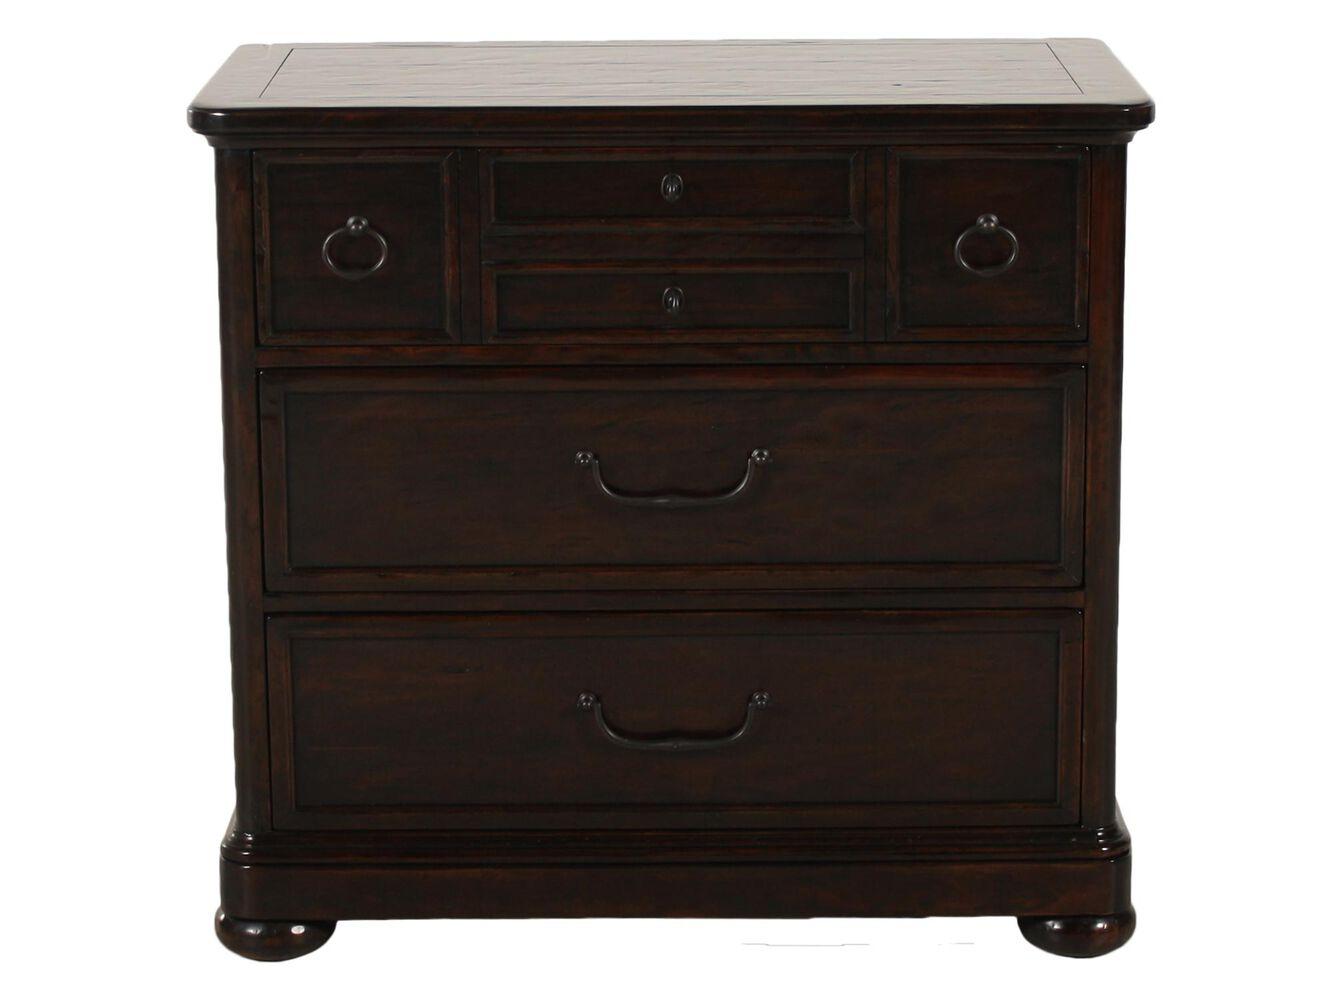 Bernhardt vintage patina bachelor 39 s chest mathis brothers furniture for Bernhardt vintage patina bedroom